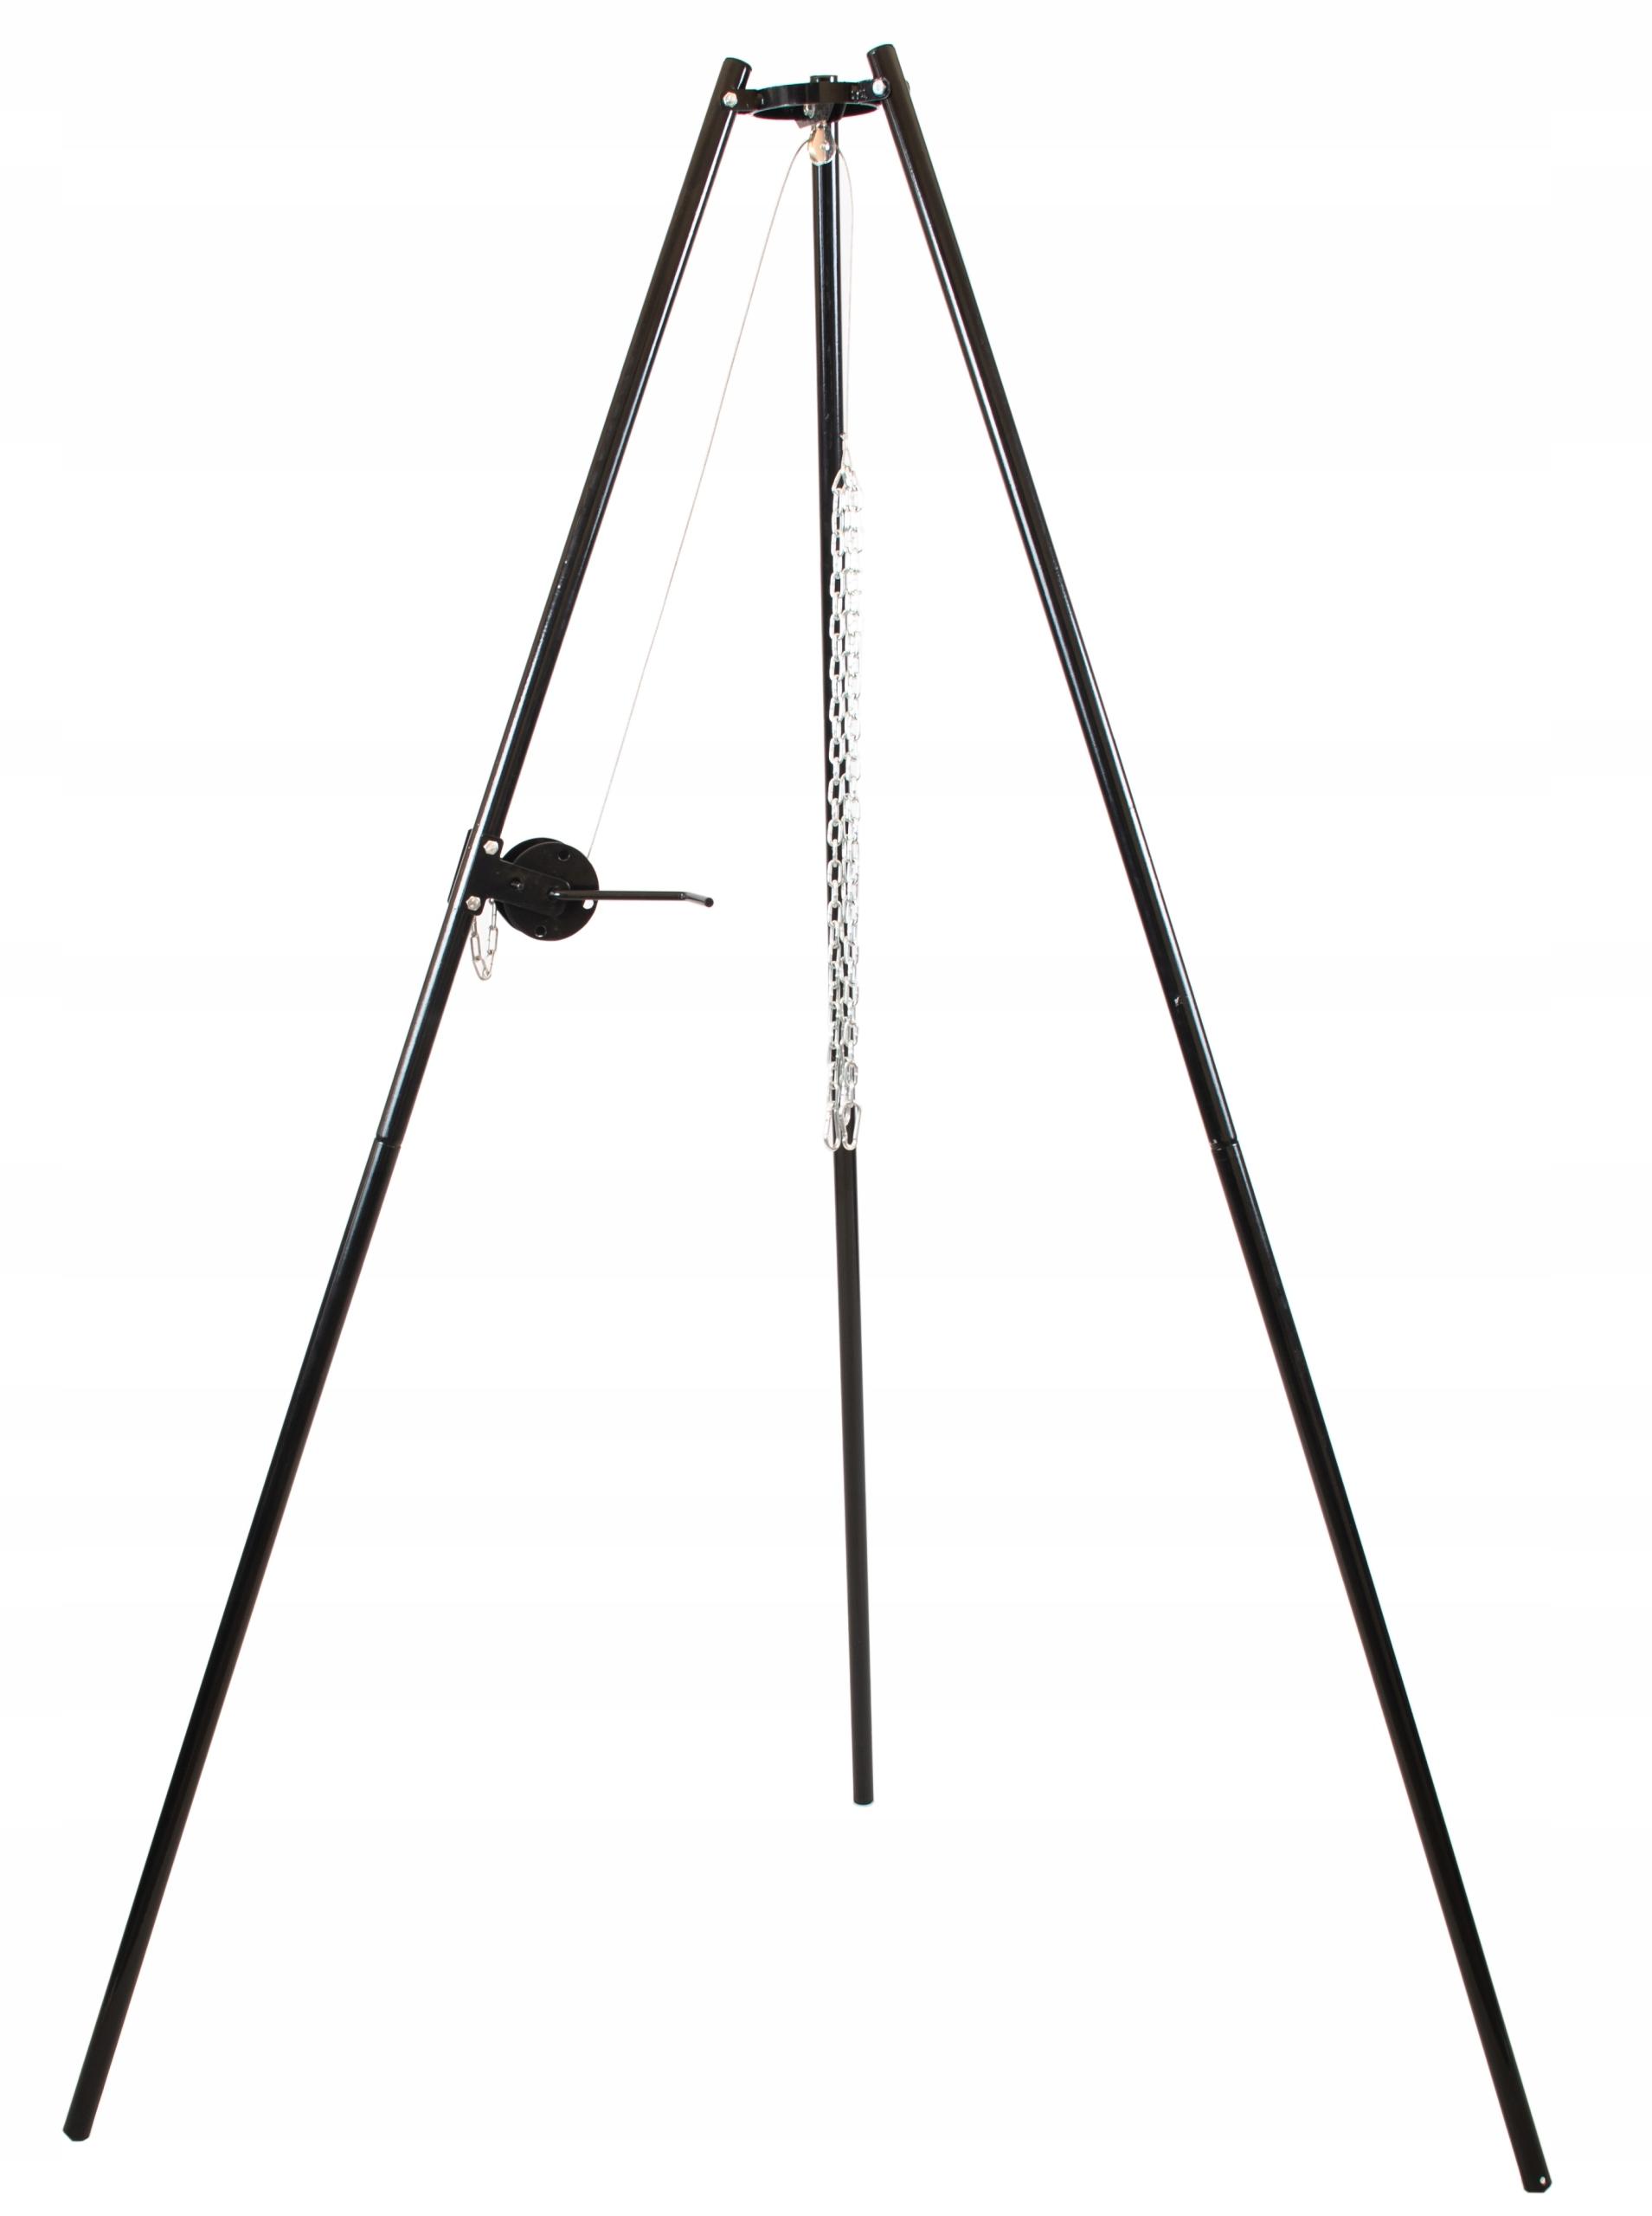 GRILL OGRODOWY PODWIESZANY KORBKA TRÓJNÓG Wysokość 180 cm